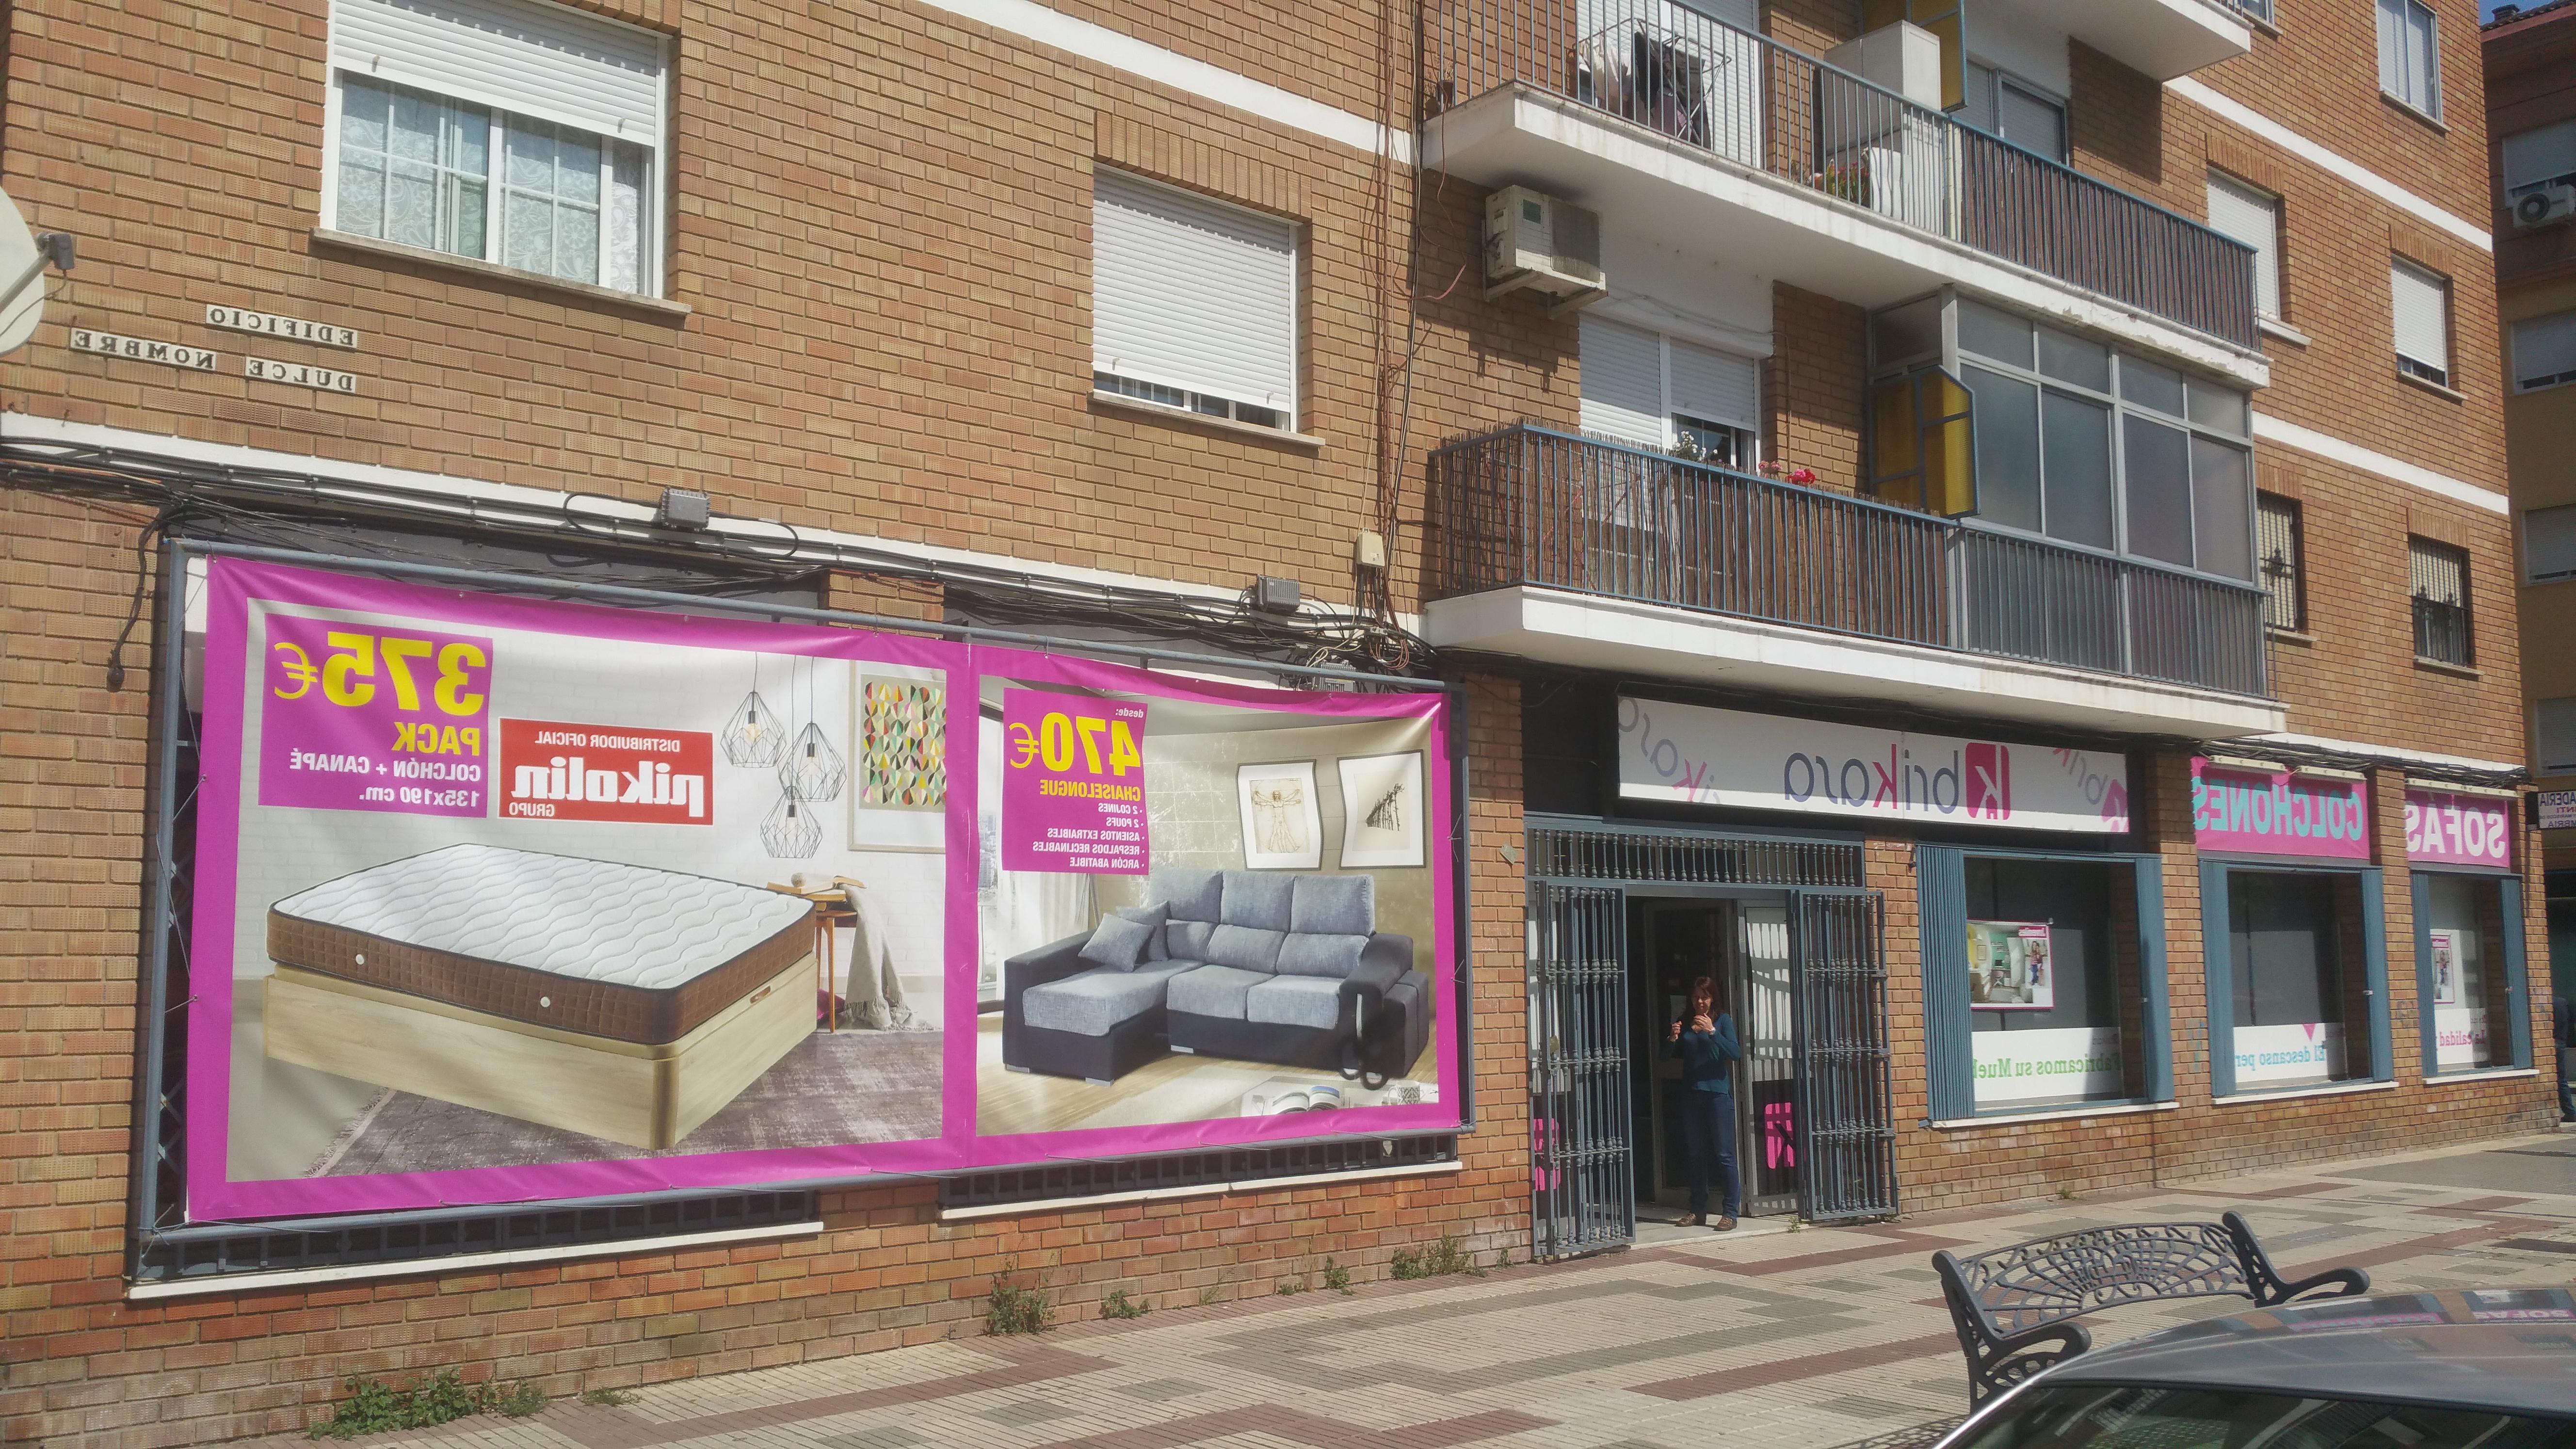 Muebles Huelva 4pde Tiendas De Muebles Baratos En Huelva Colchones sofà S Brikasa